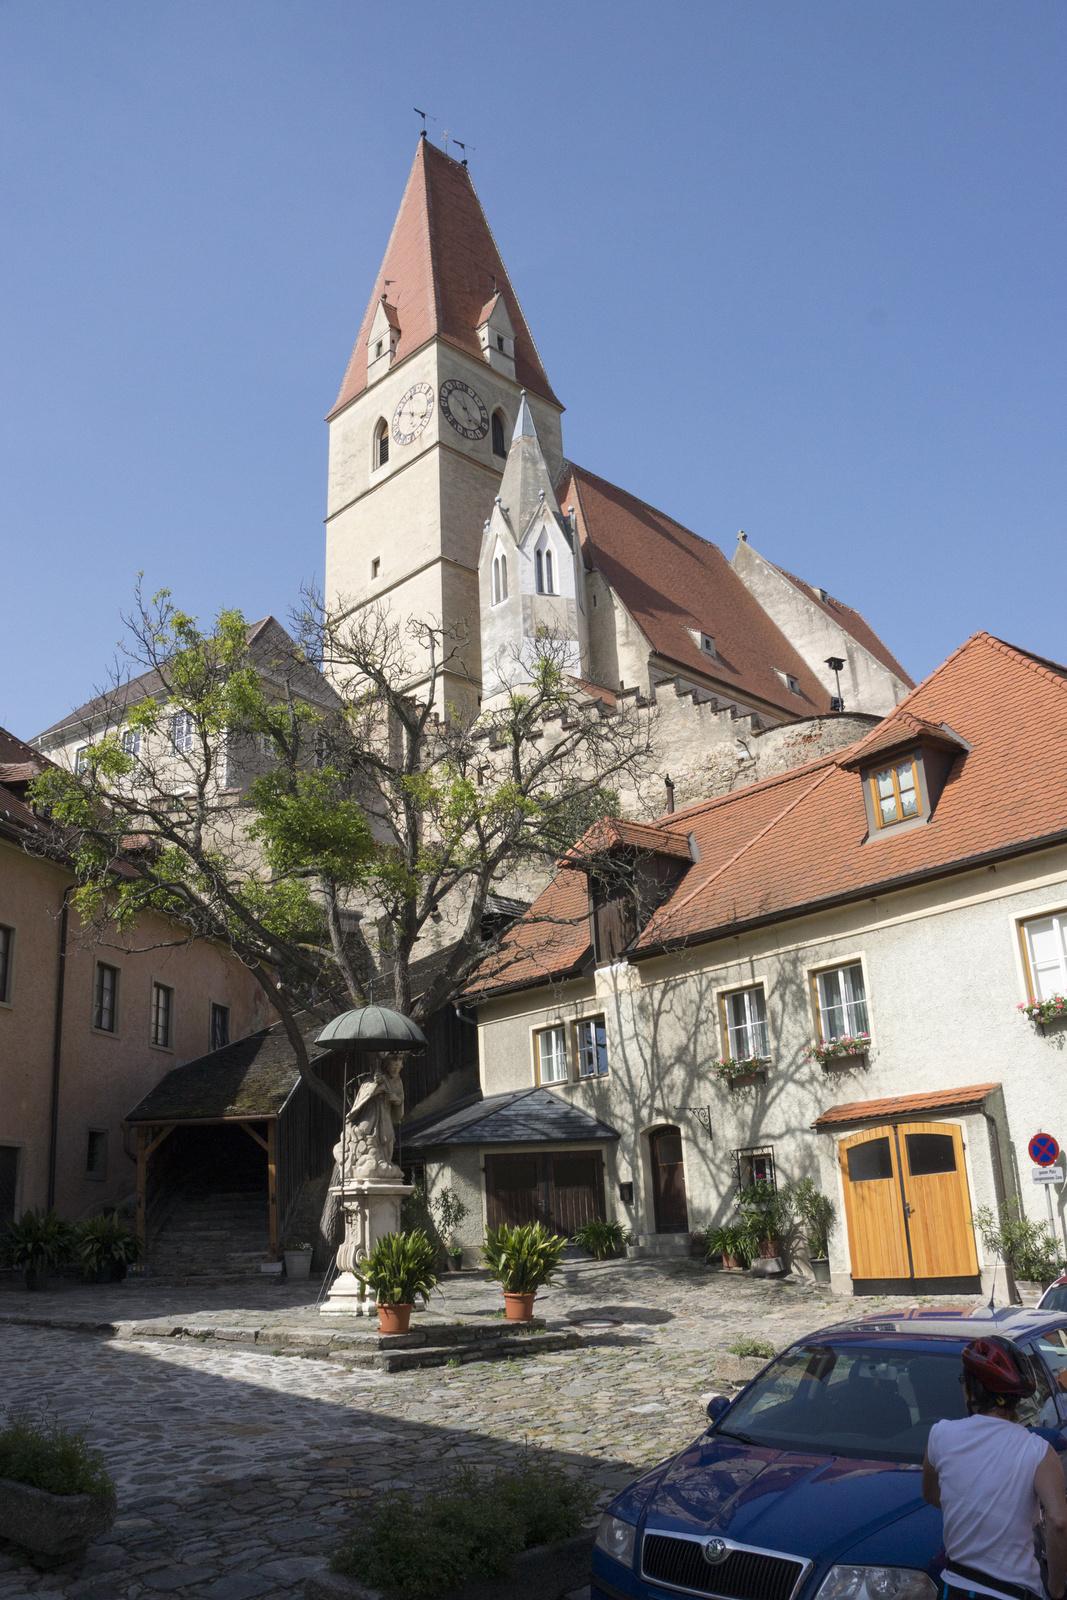 Passau-Bécs/Weissenkirchen